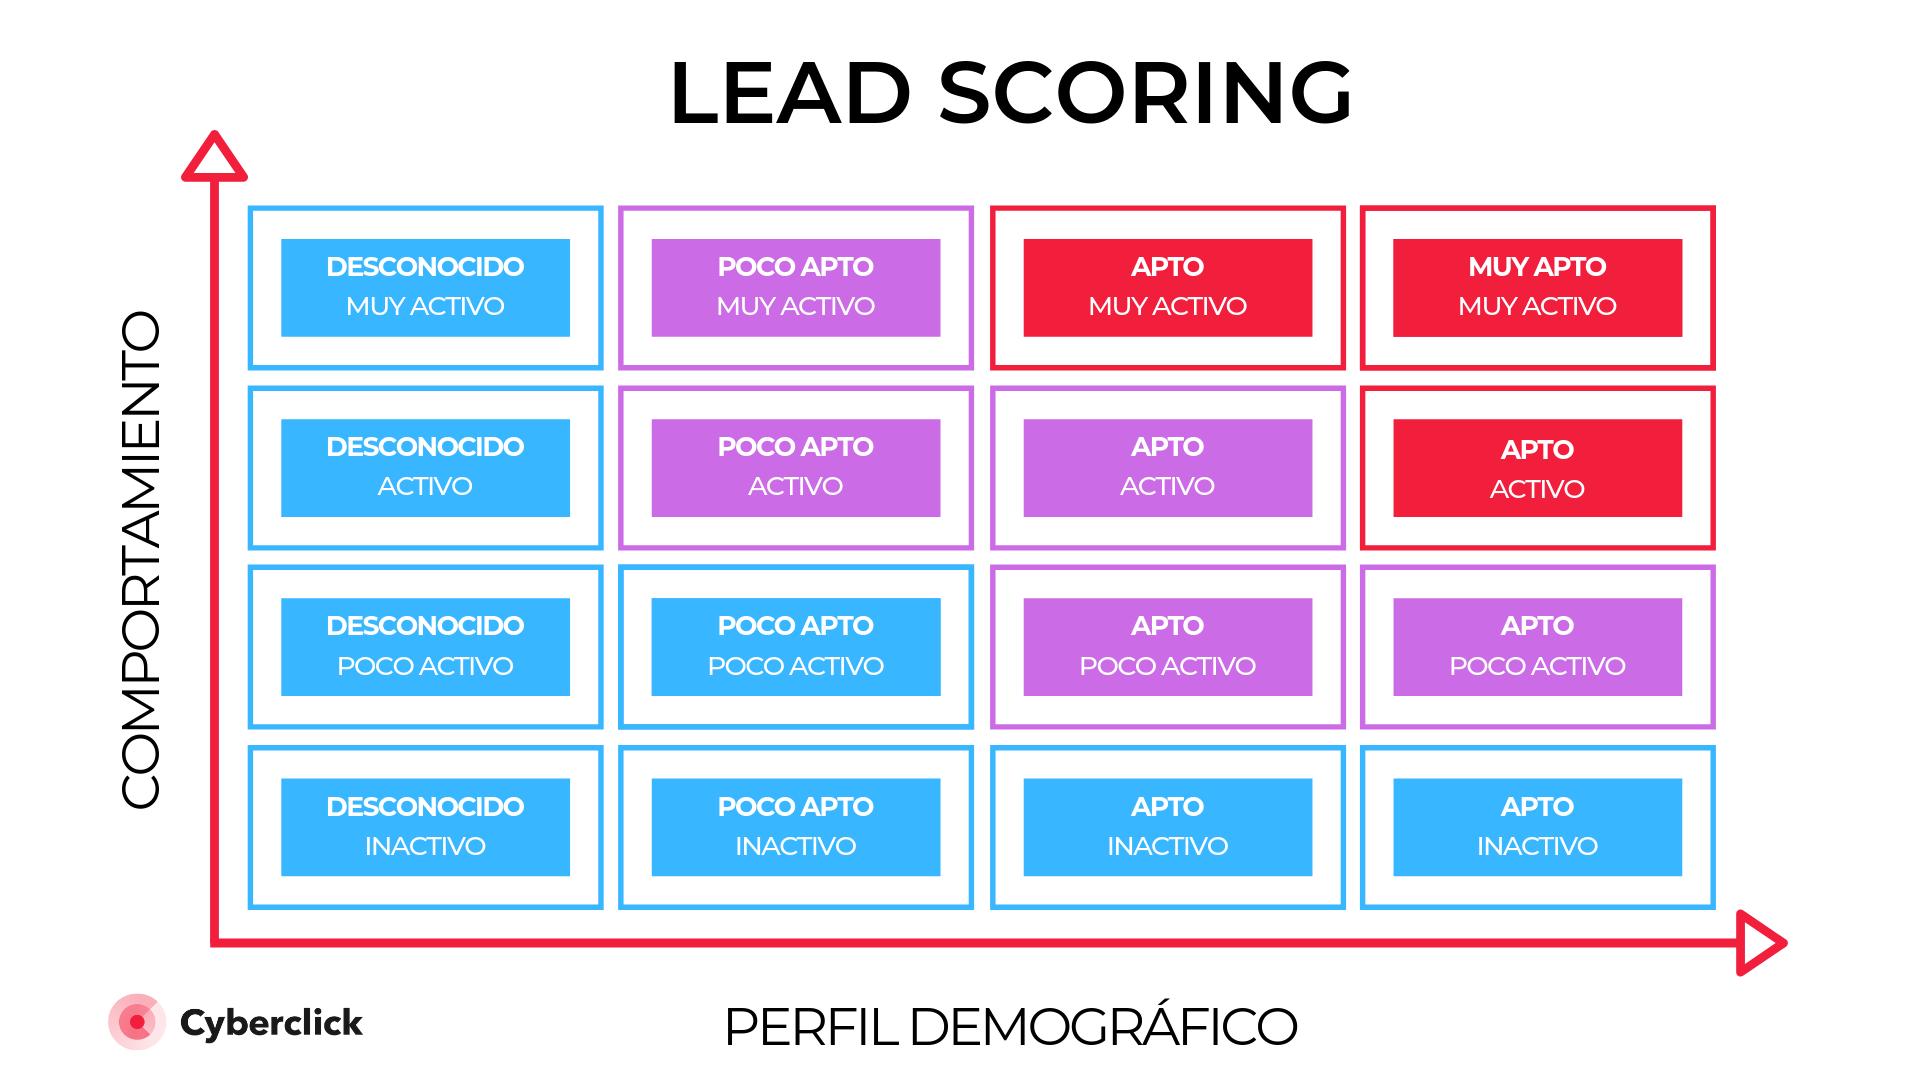 Lead Scoring - Seguimiento de leads como hacerlo bien y generar ventas